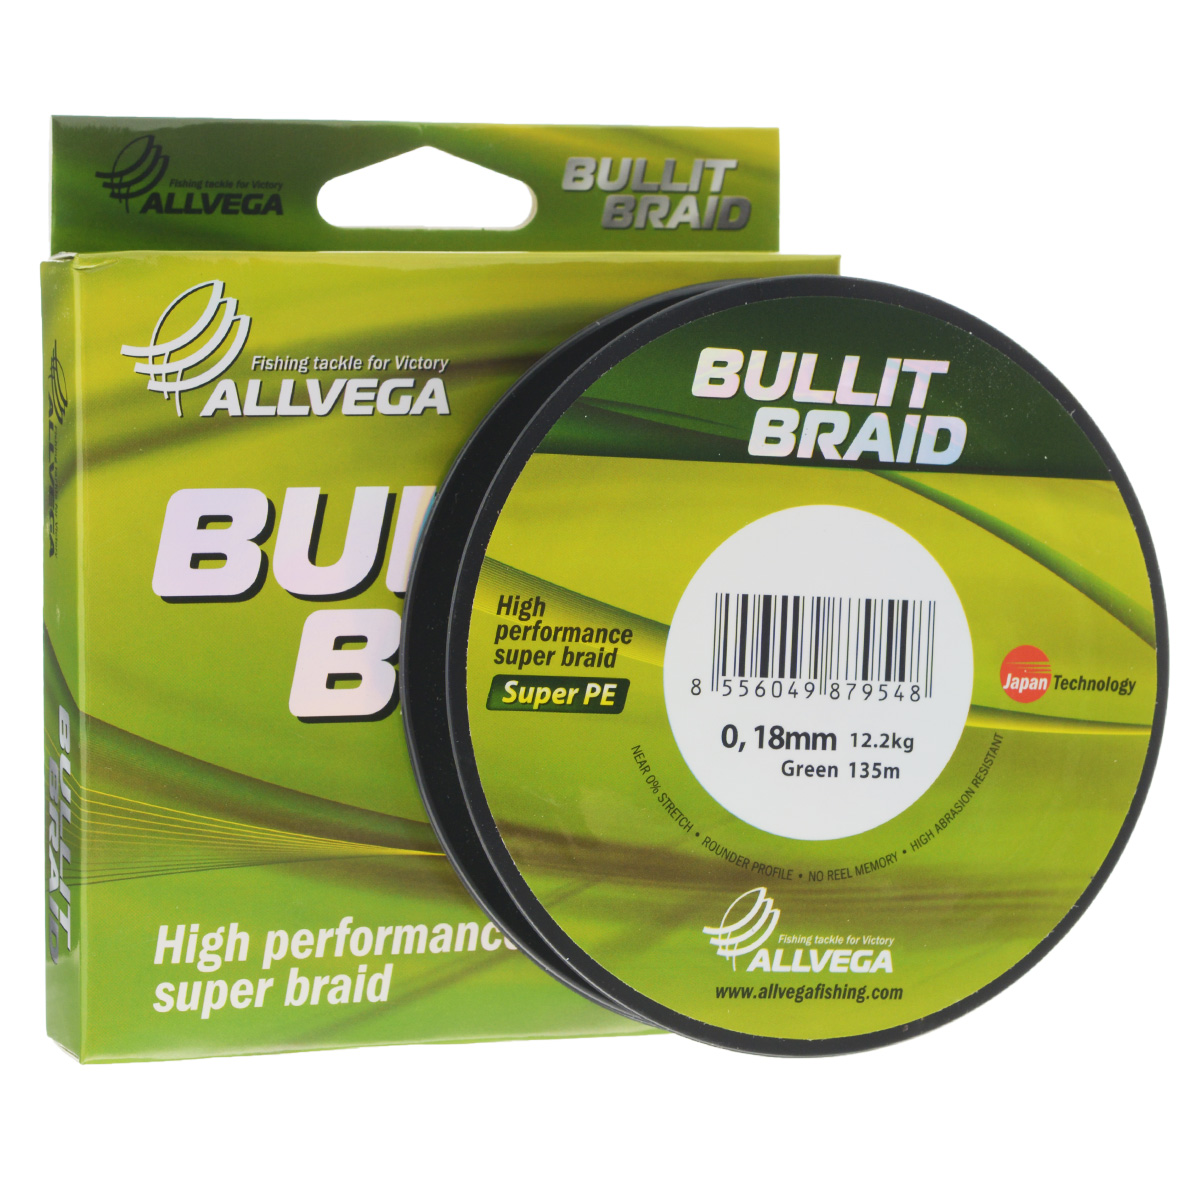 Леска плетеная Allvega Bullit Braid, цвет: темно-зеленый, 135 м, 0,18 мм, 12,2 кг36266Леска Allvega Bullit Braid с гладкой поверхностью и одинаковым сечением по всей длине обладает высокой износостойкостью. Благодаря микроволокнам полиэтилена (Super PE) леска имеет очень плотное плетение и не впитывает воду. Леску Allvega Bullit Braid можно применять в любых типах водоемов. Особенности:повышенная износостойкость;высокая чувствительность - коэффициент растяжения близок к нулю;отсутствует память; идеально гладкая поверхность позволяет увеличить дальность забросов; высокая прочность шнура на узлах.